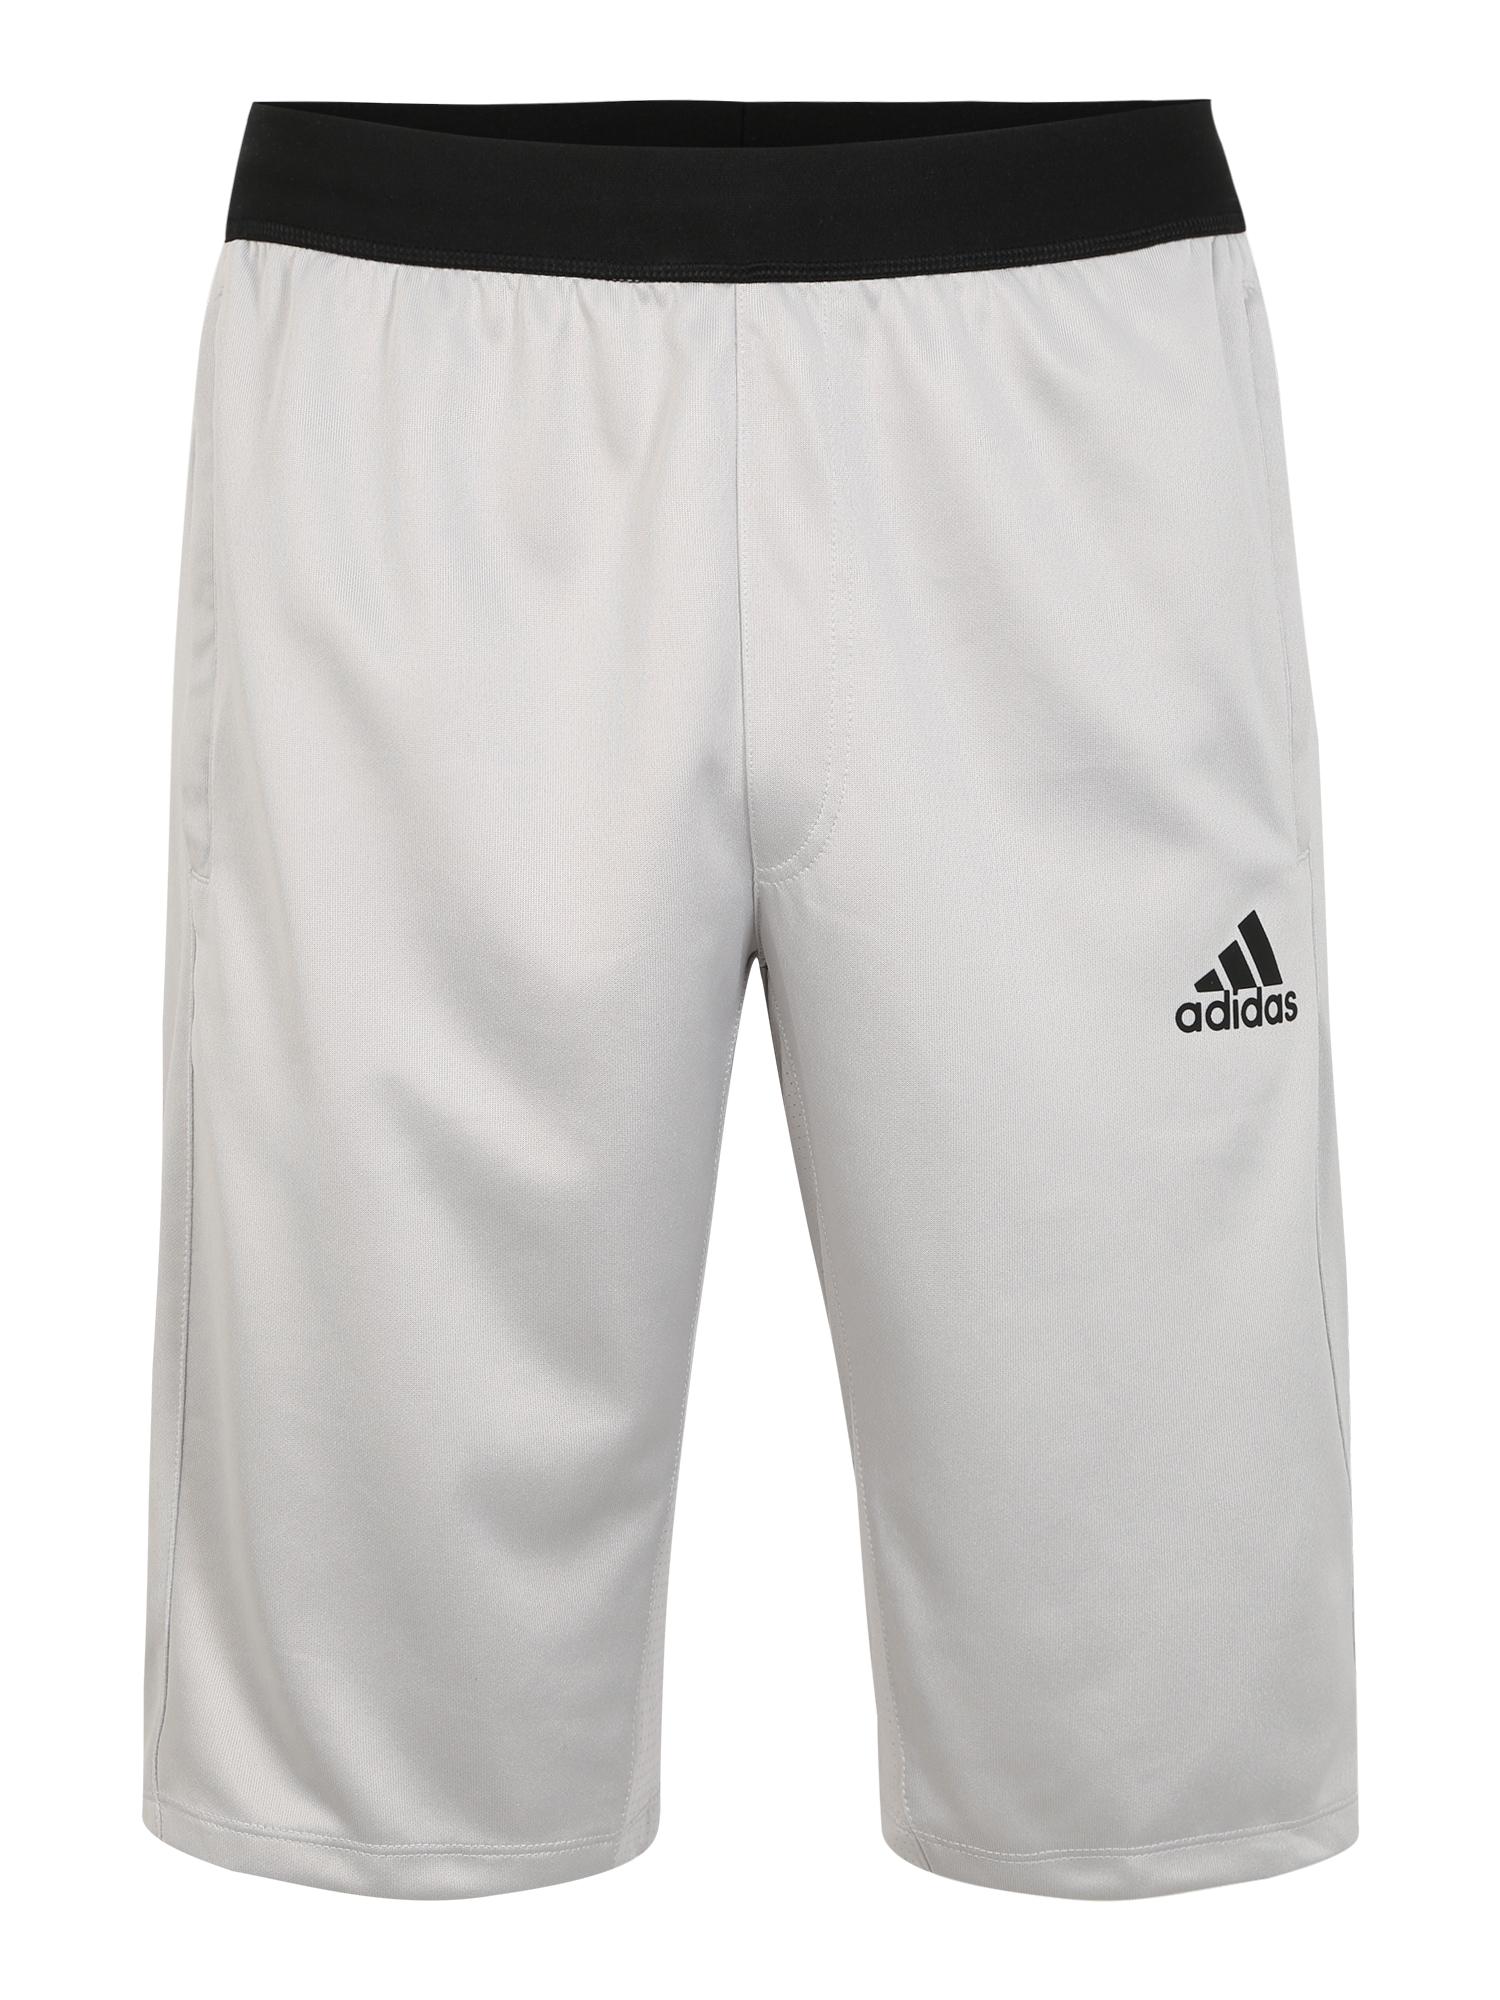 ADIDAS PERFORMANCE Sportinės kelnės 'CITY LONG SHORT' juoda / šviesiai pilka